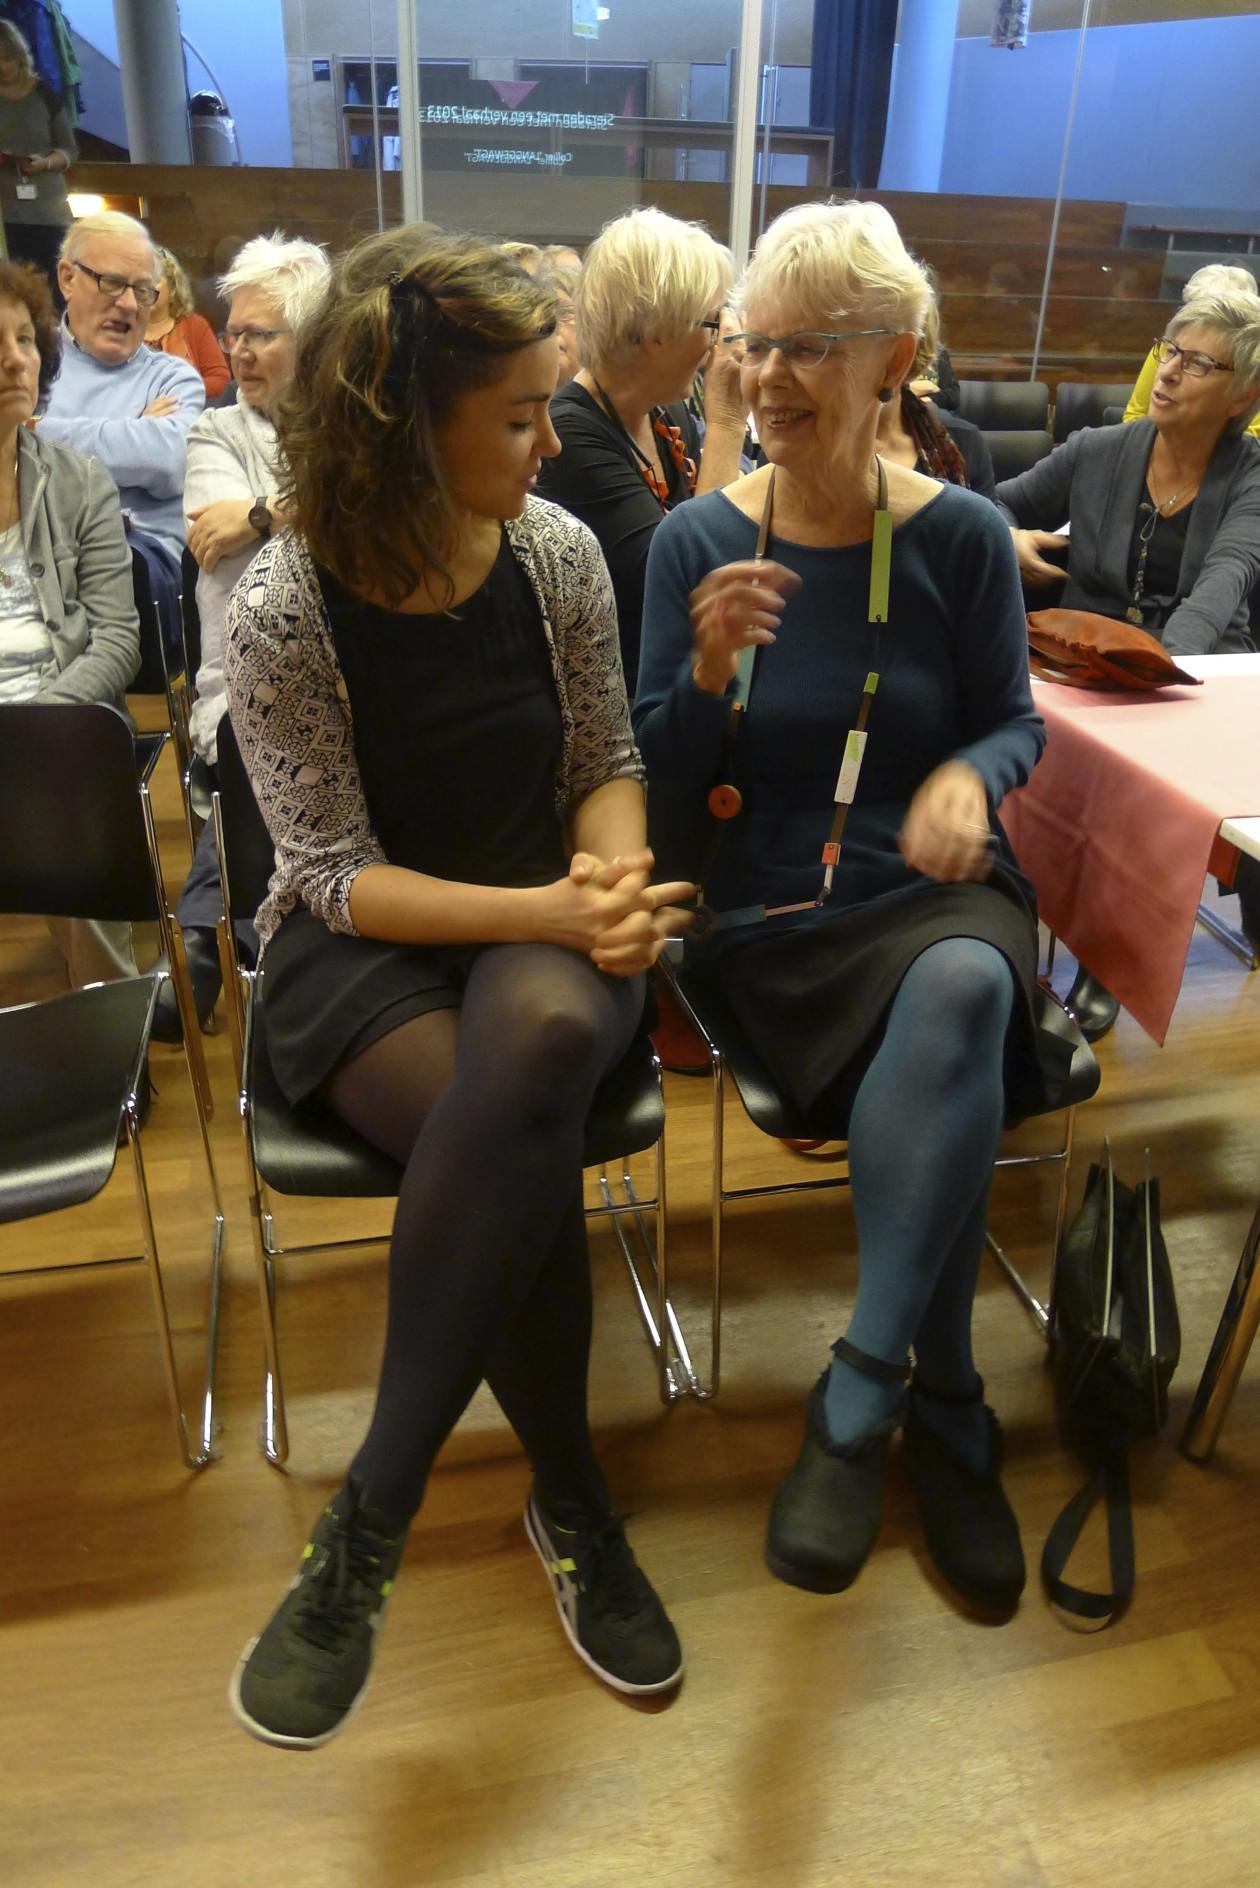 Réka Fekete en Claartje Keur in CODA tijdens Sieraden met een verhaal, 2013. Foto met dank aan Réka Fekete©